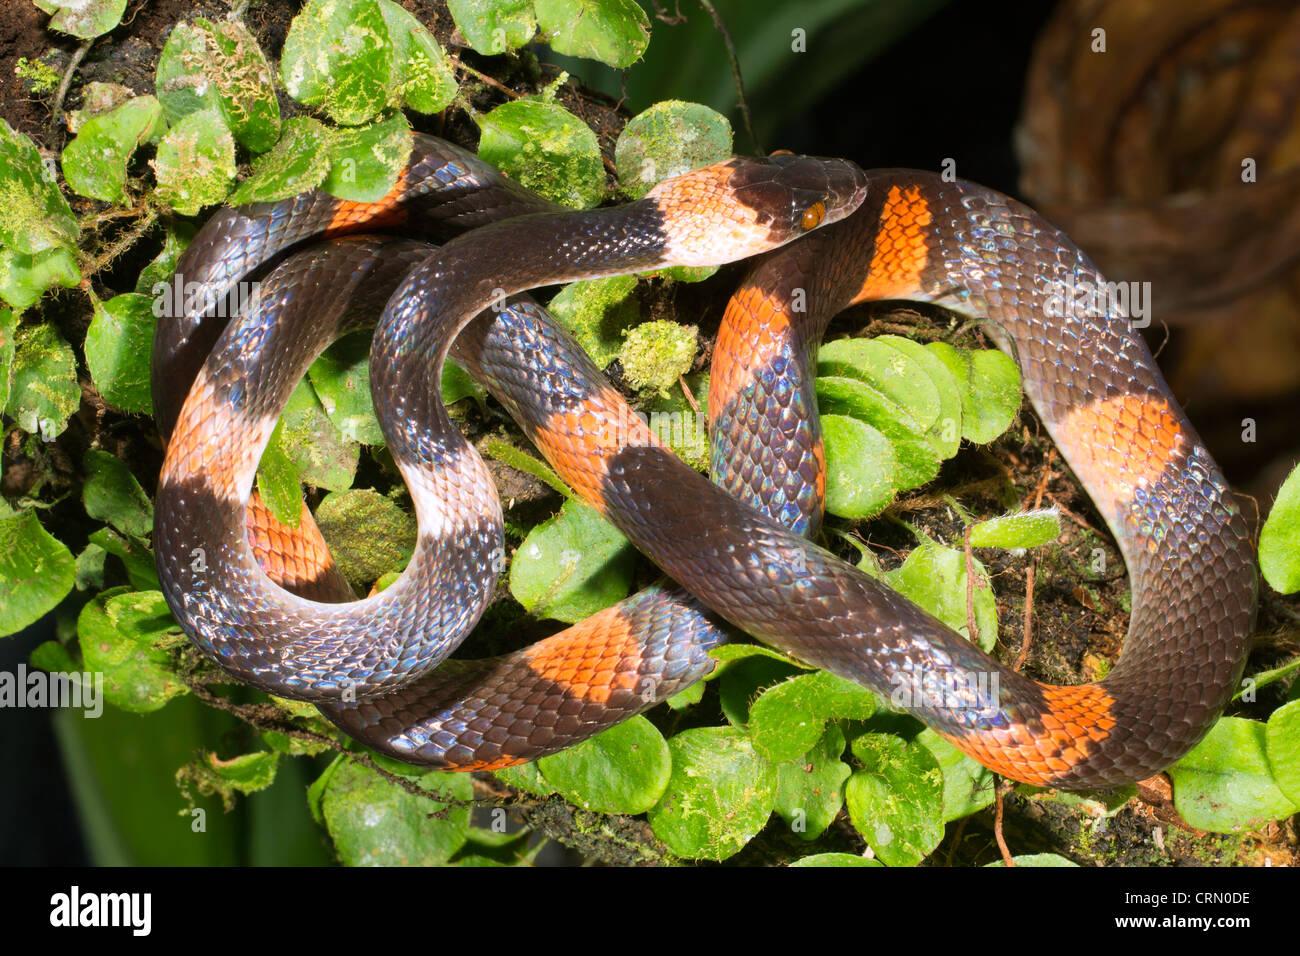 Bandas Oxyrhopus petola calico (serpiente) en el Amazonas ecuatoriano. Imagen De Stock